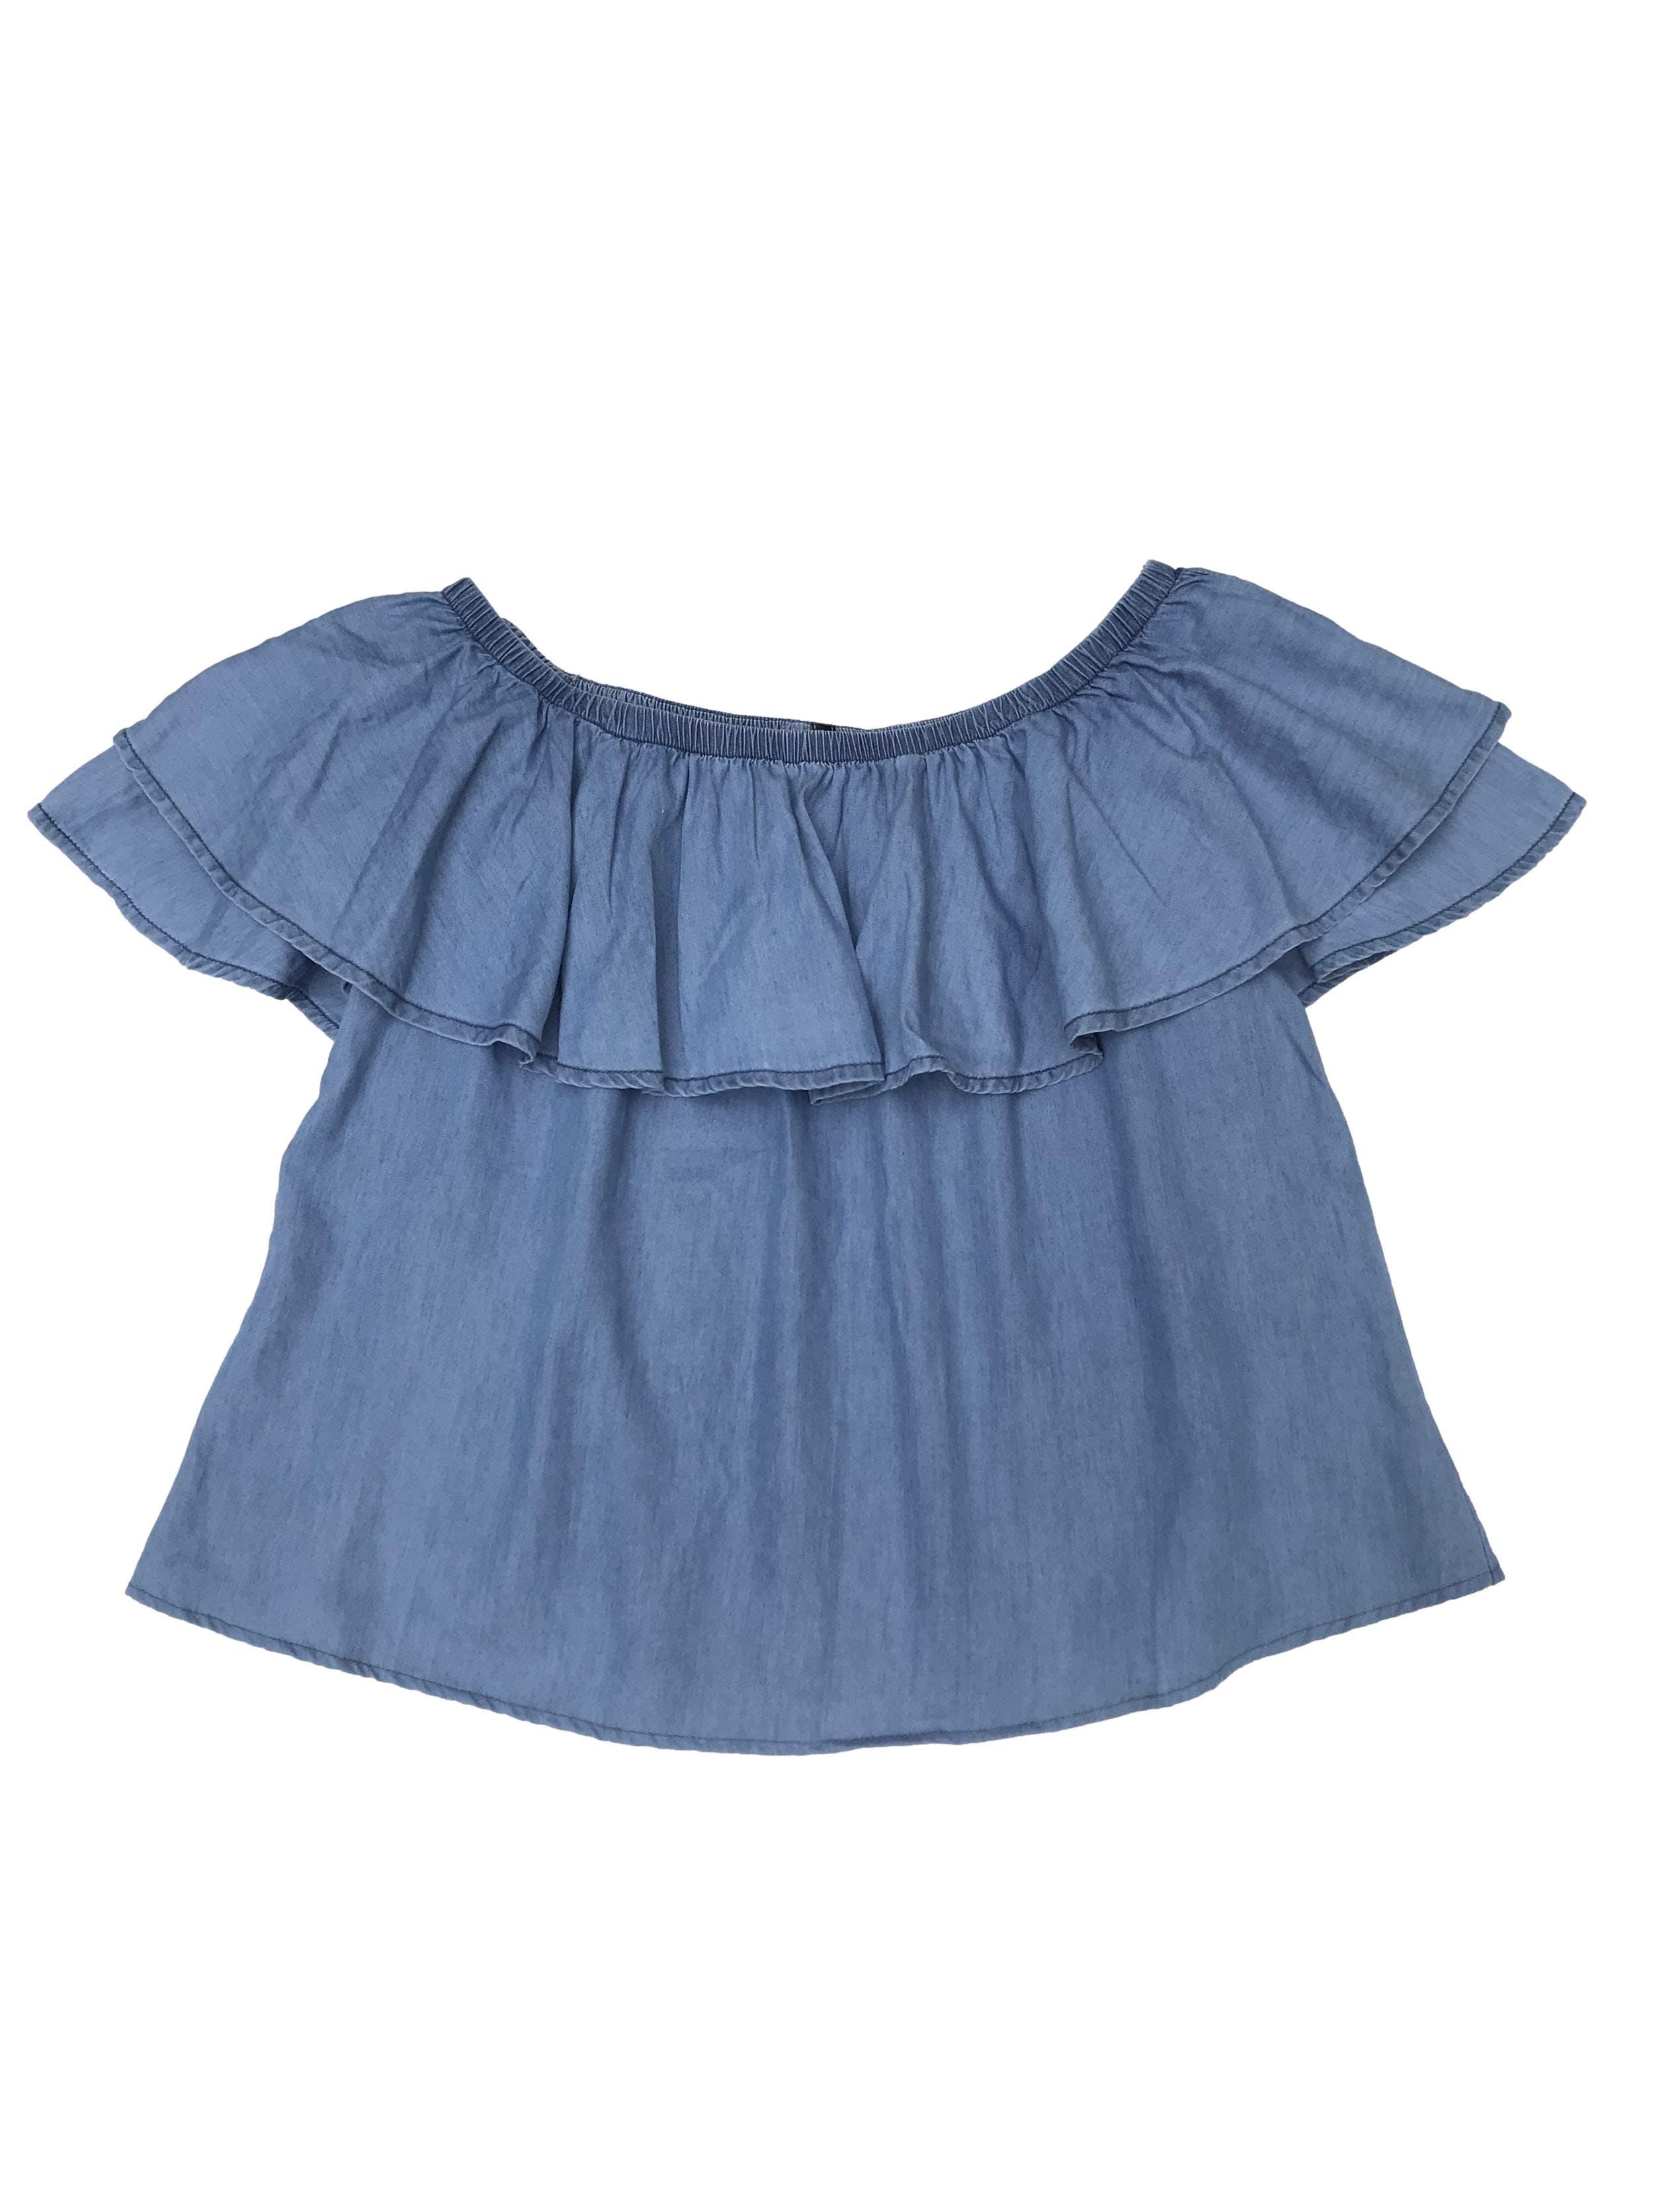 Blusa Pionier de algodón y tencel, off shoulder con volante. Largo 42cm